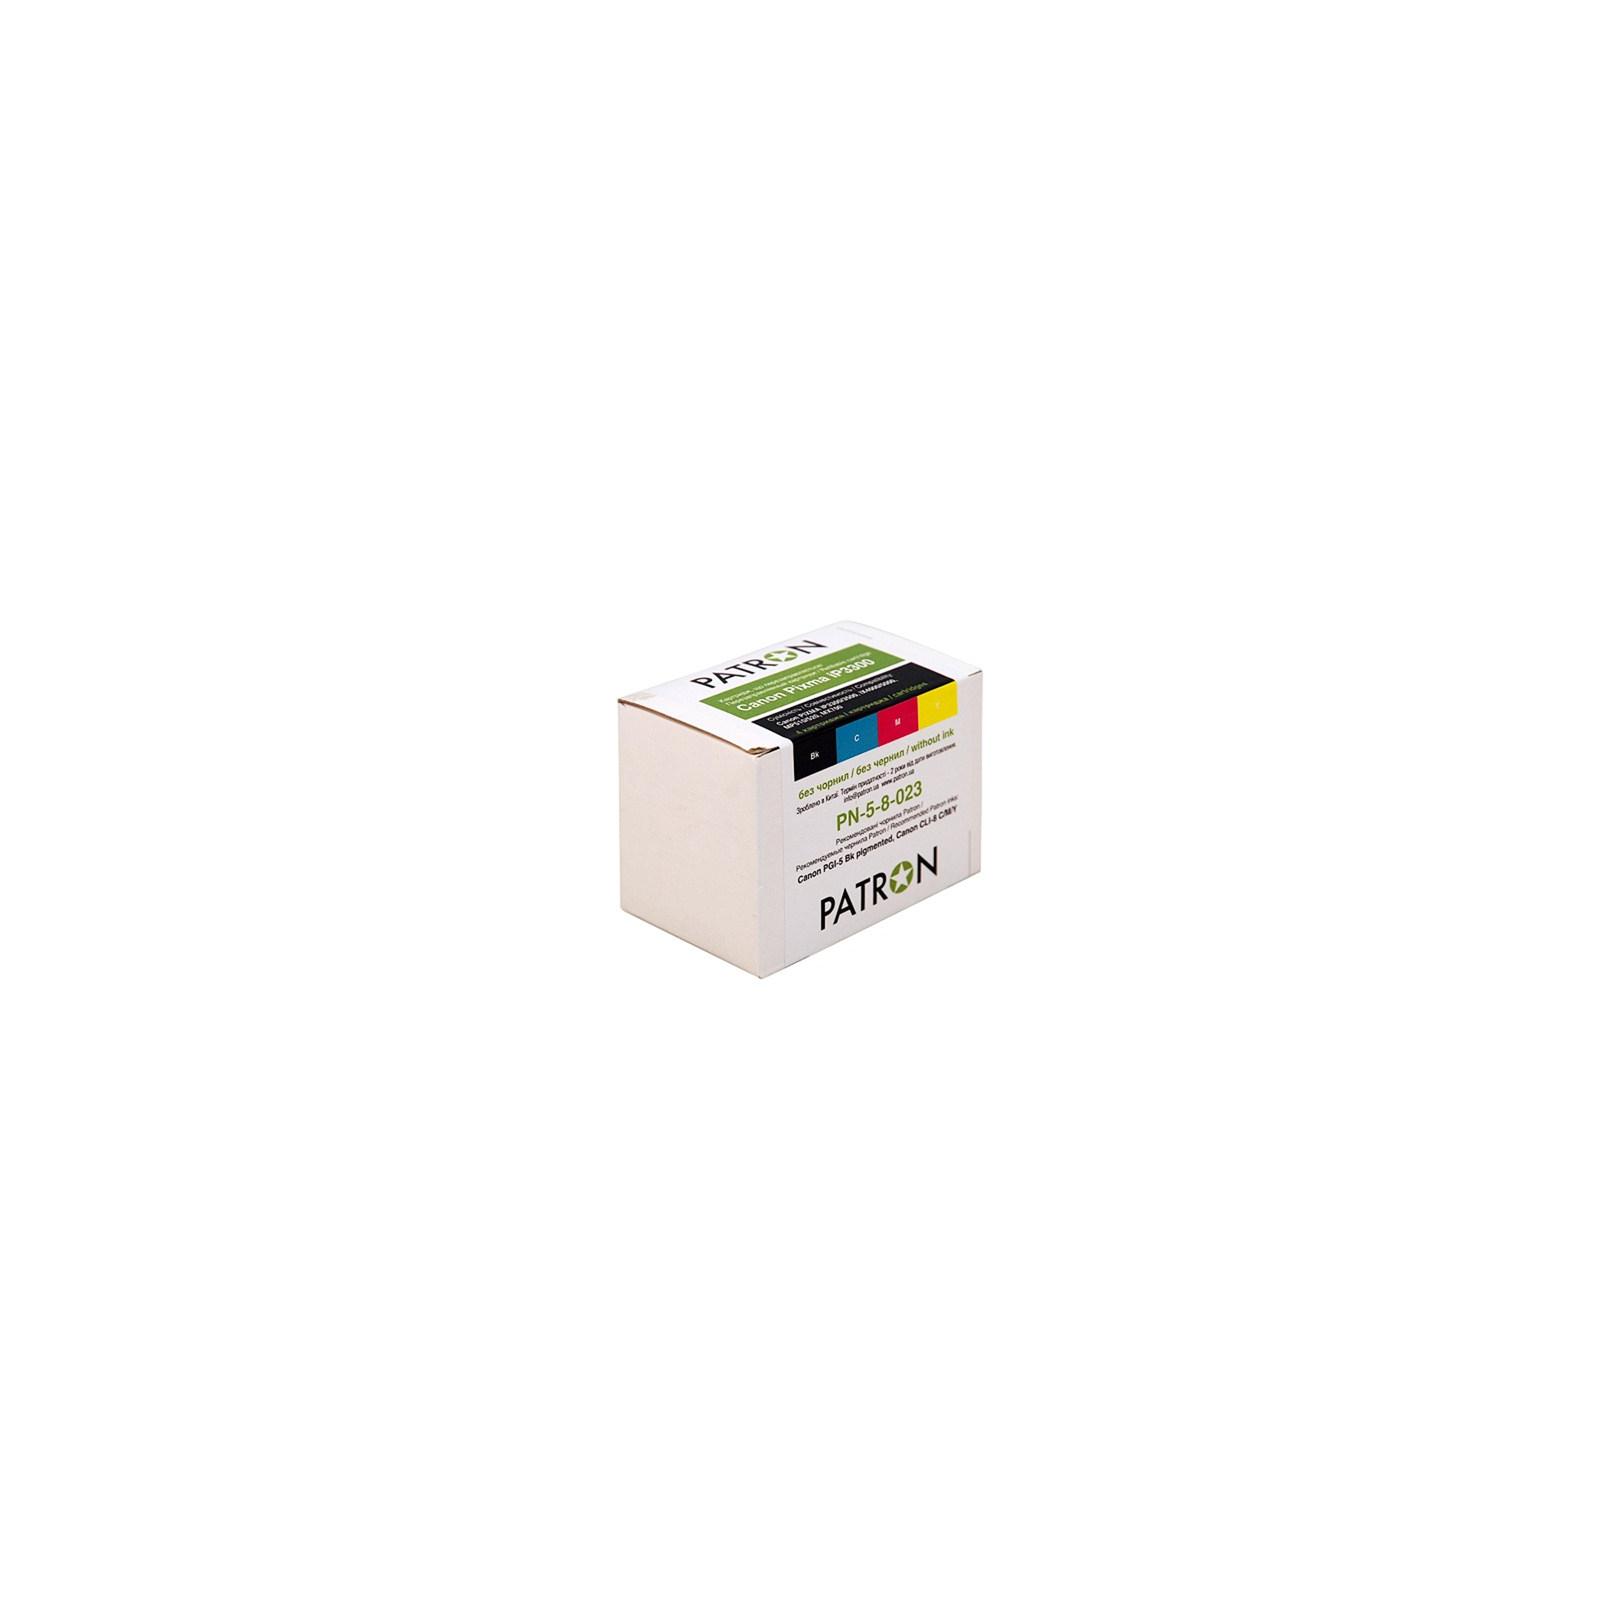 Комплект перезаправляемых картриджей PATRON CANON PIXMA iP3300 (4 шт) (PN-5-8-023)